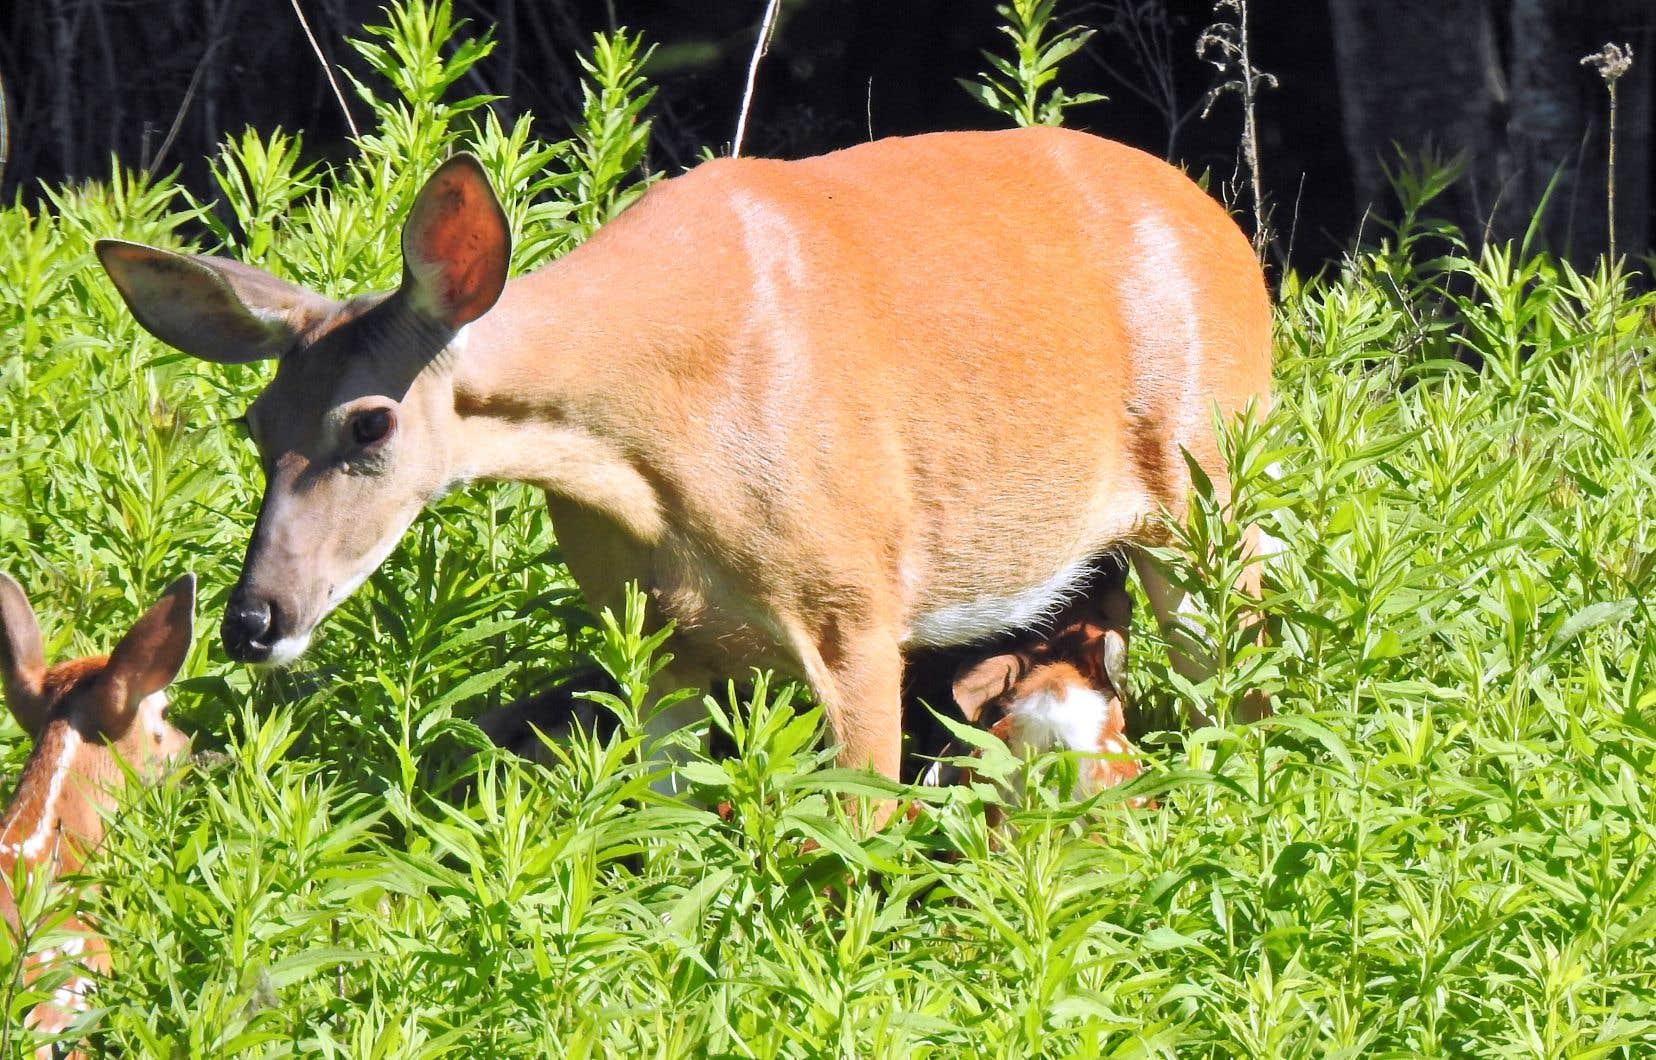 Les résidents de la ville de Mont-Saint-Hilaire ont l'habitude de croiser des cerfs dans les rues résidentielles et de protéger leurs jardins contre leur appétit.